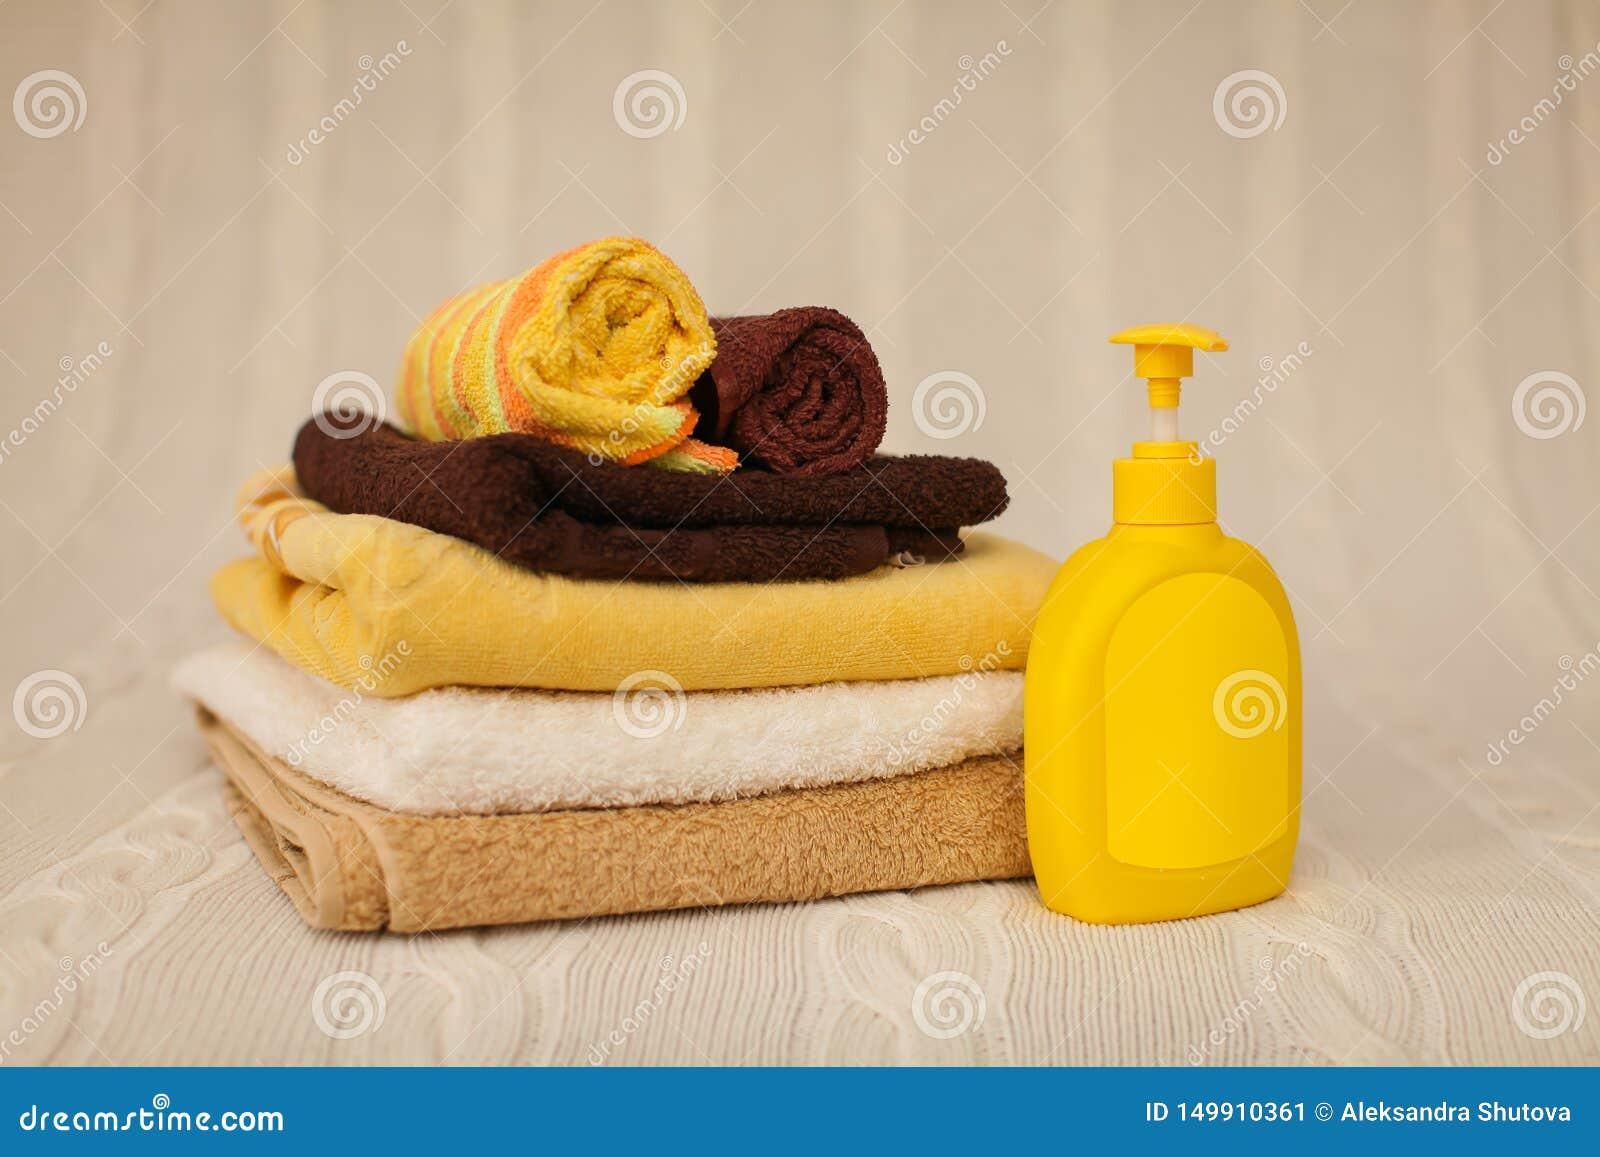 Κίτρινος πλαστικός διανομέας με το υγρό σαπούνι και ένας σωρός των καφετιών πετσετών σε μια μπεζ κουβέρτα στην εκλεκτική εστίαση